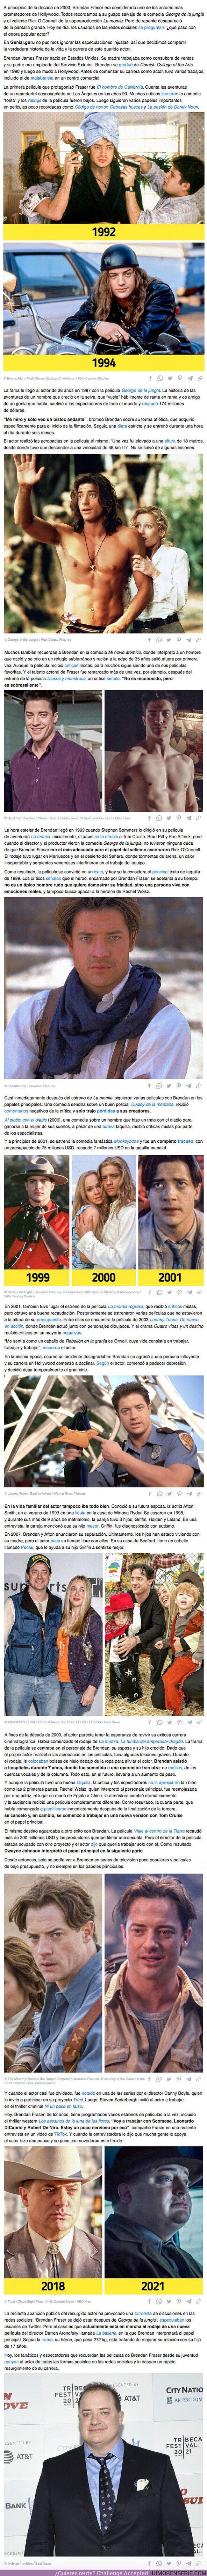 81895 - La historia de gran Brendan Fraser, un actor que ha tenido un destino difícil, pero que tiene el cariño de todos